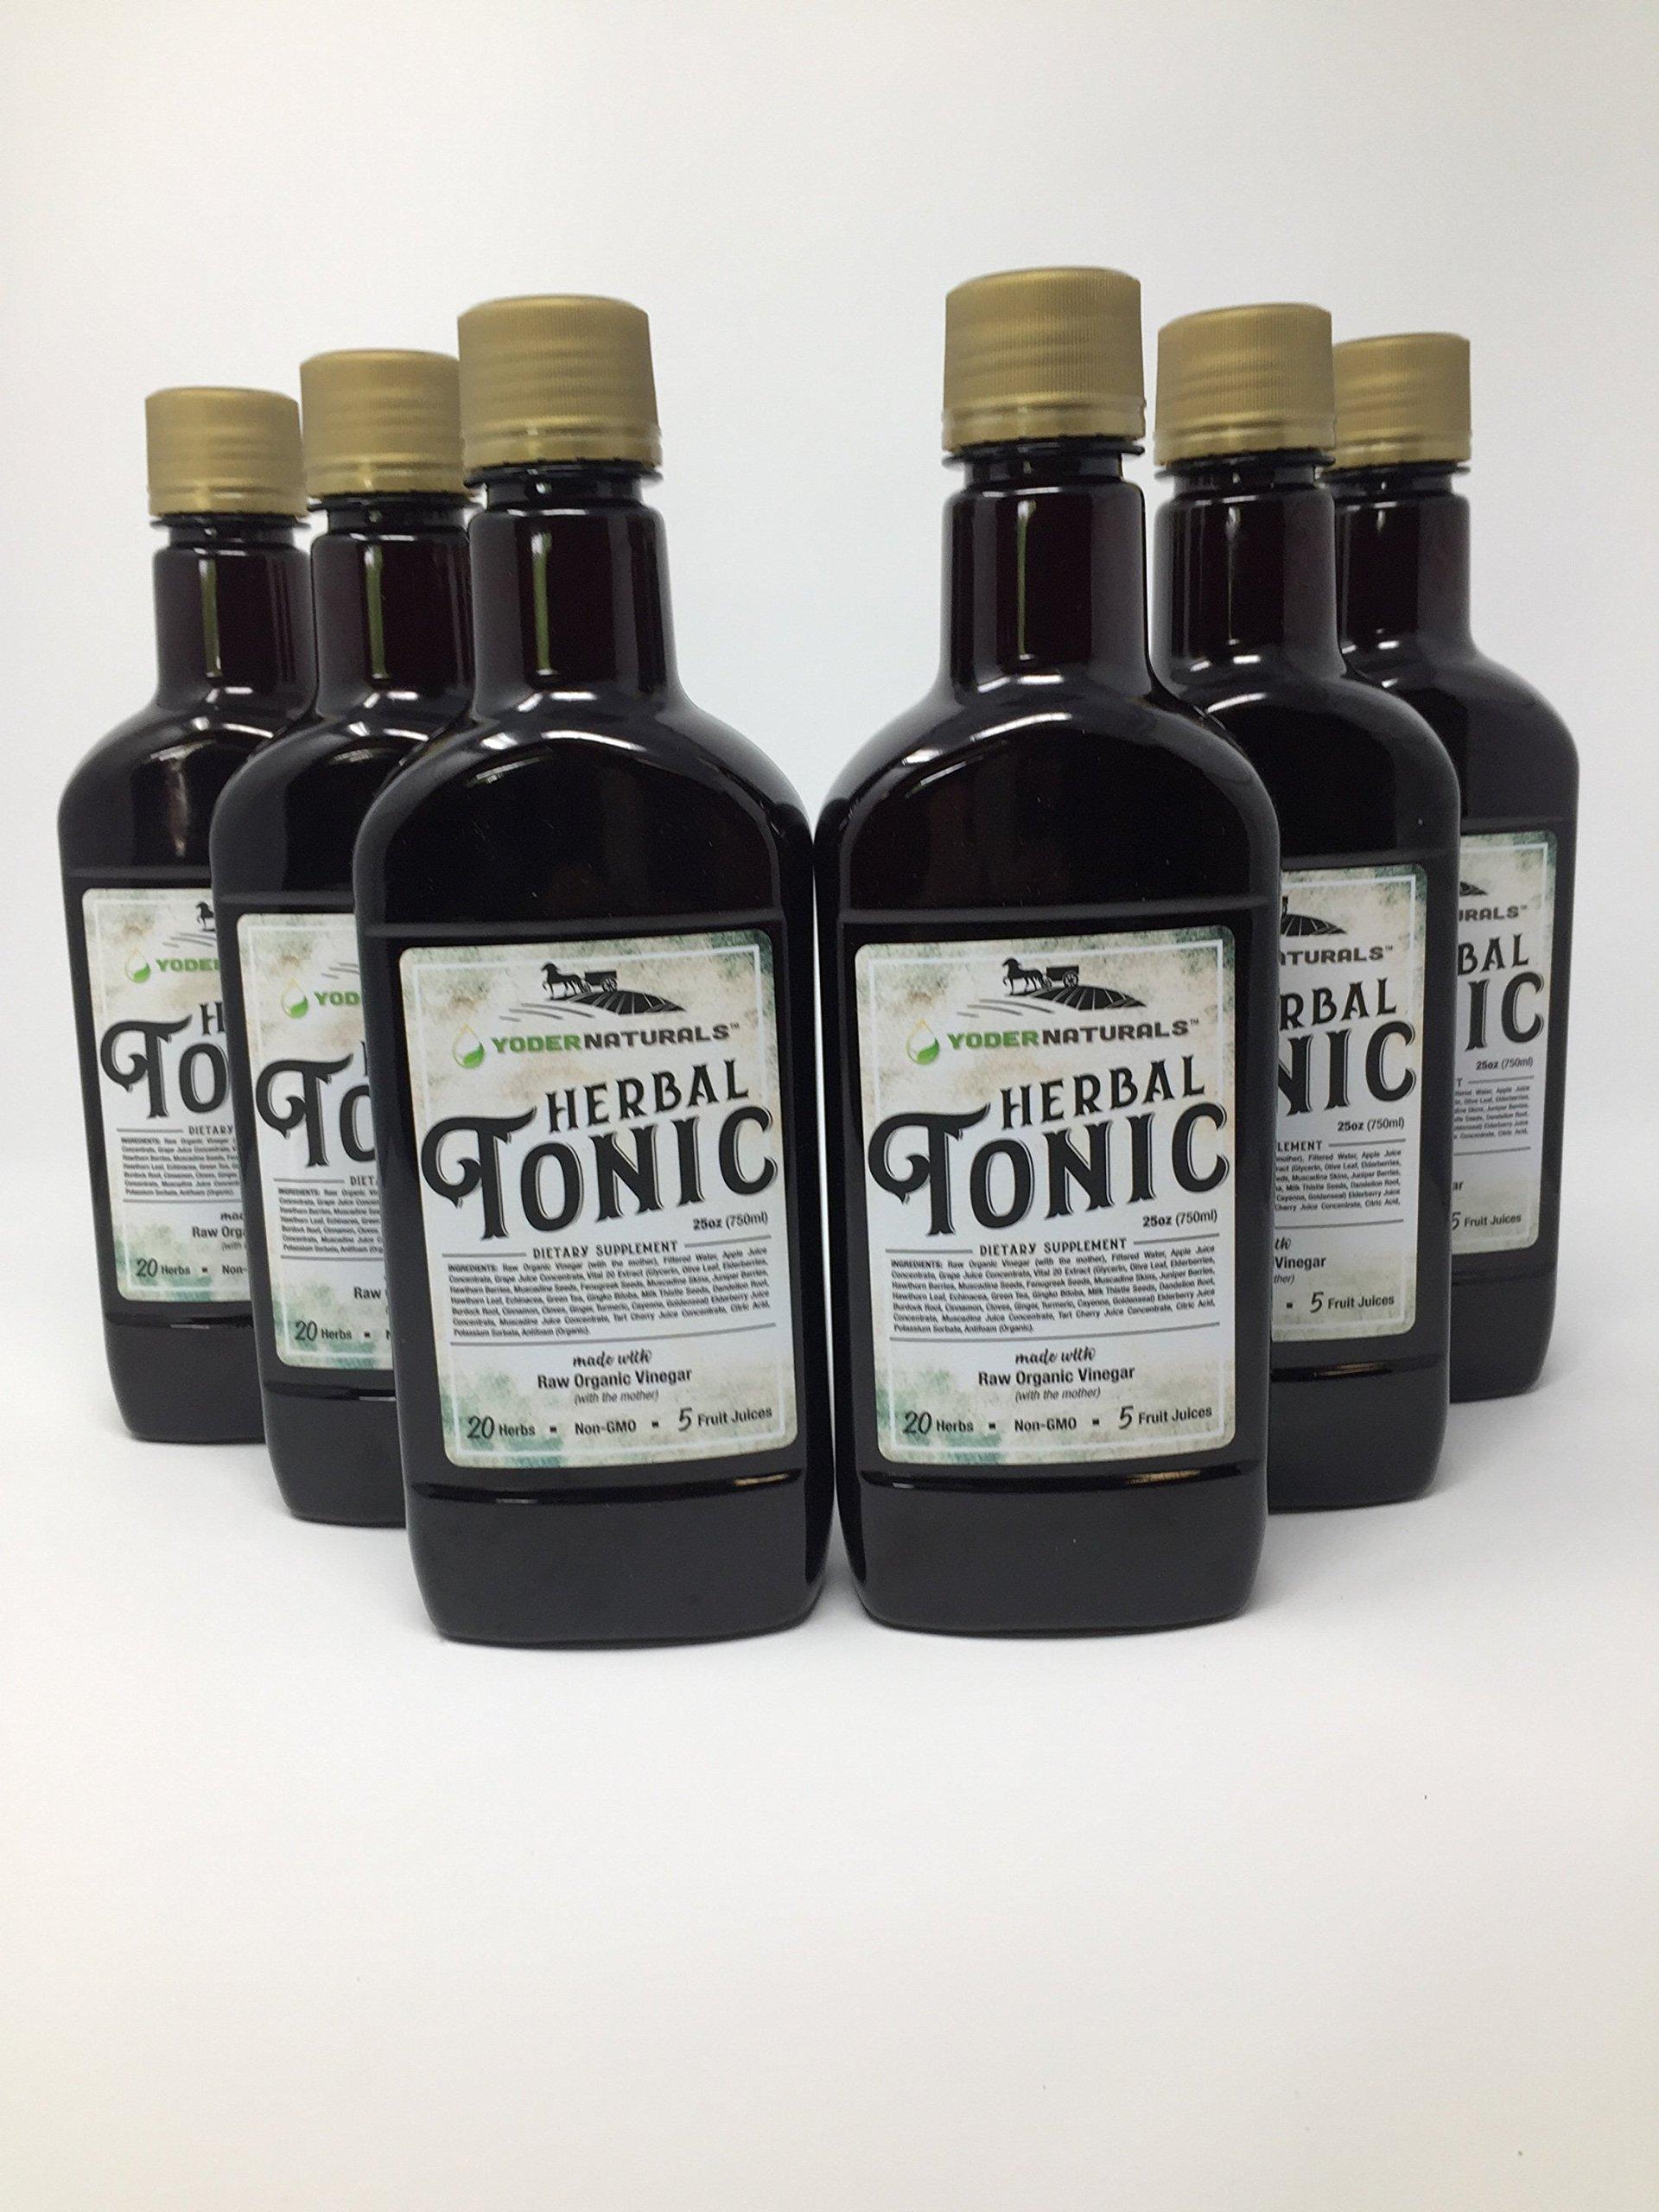 Yoder Naturals Herbal Tonic Herb Infused Apple Cider Vinegar Supplement 25 fl oz, 6 bottle deal, 6 x 25 fl oz by Yoder Naturals